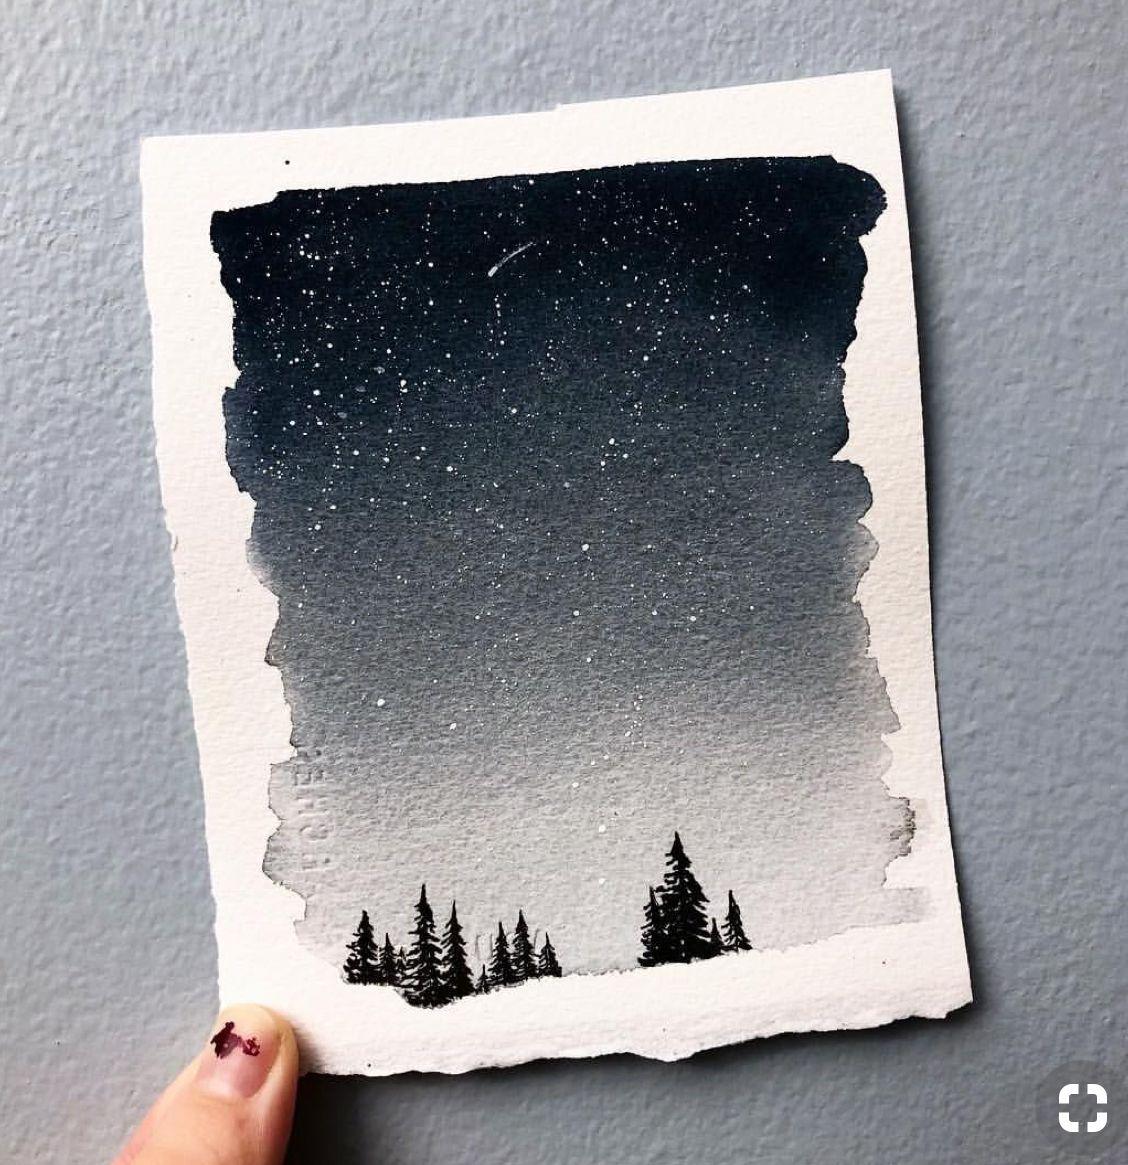 Done Aquarelle Encre Blanche Peinture Ciel De Nuit Paysage